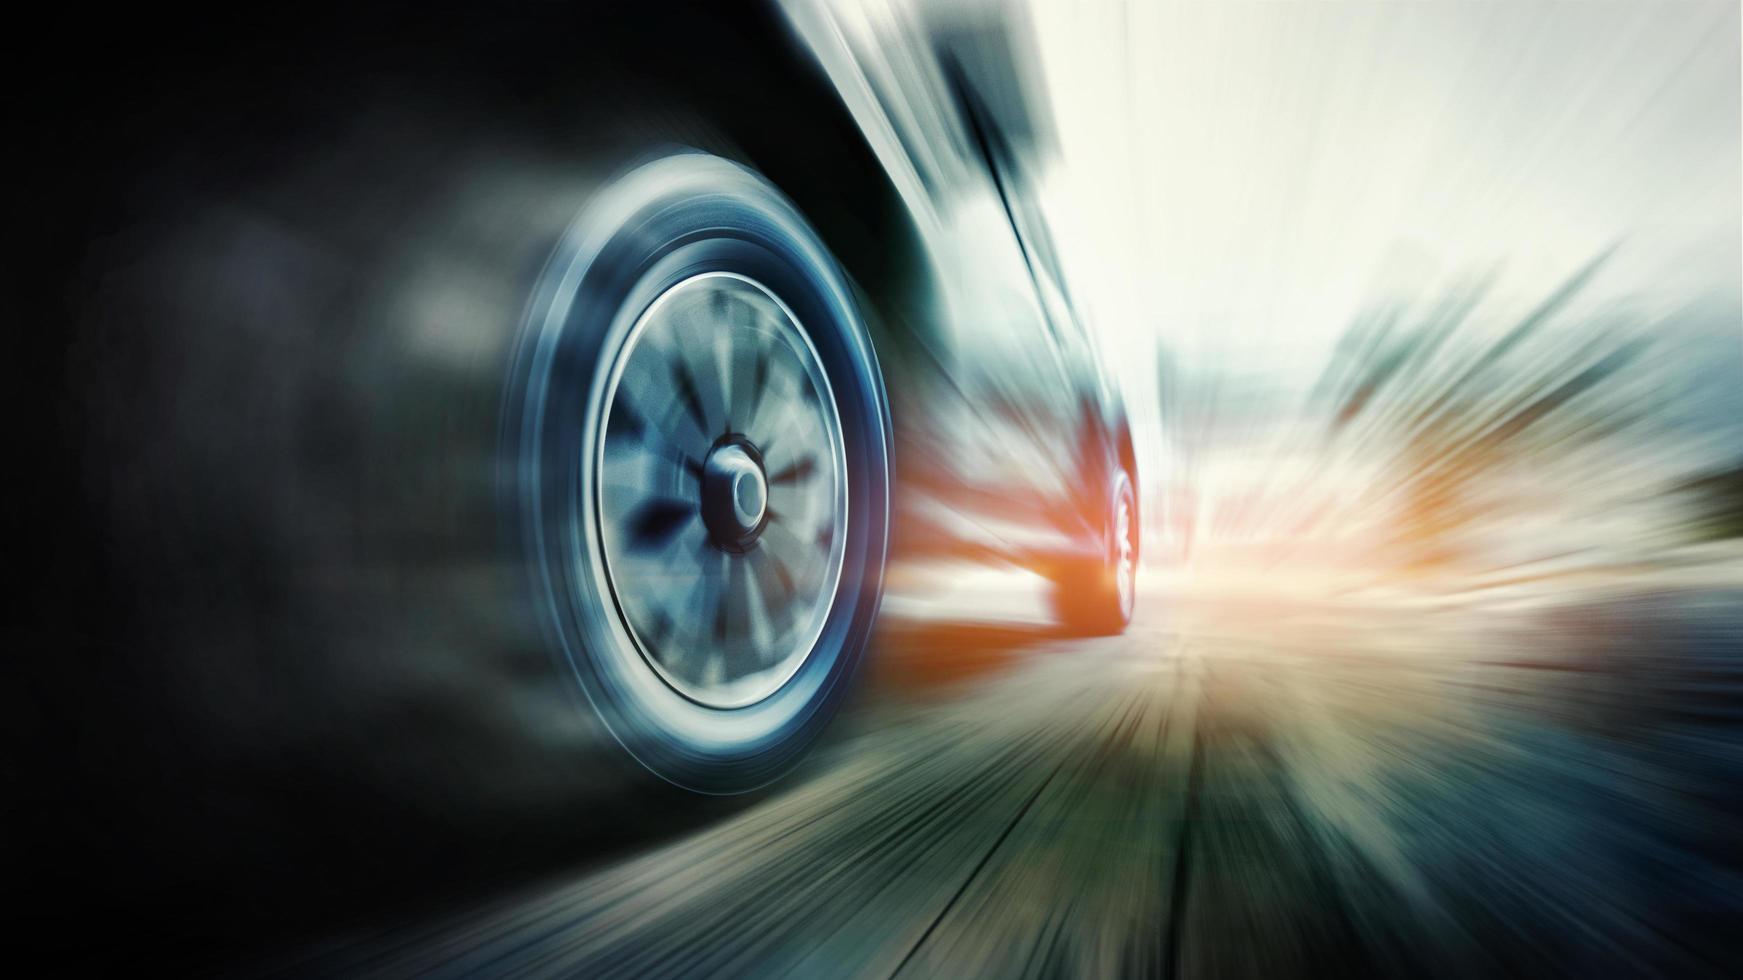 macchina in corsa su strada foto